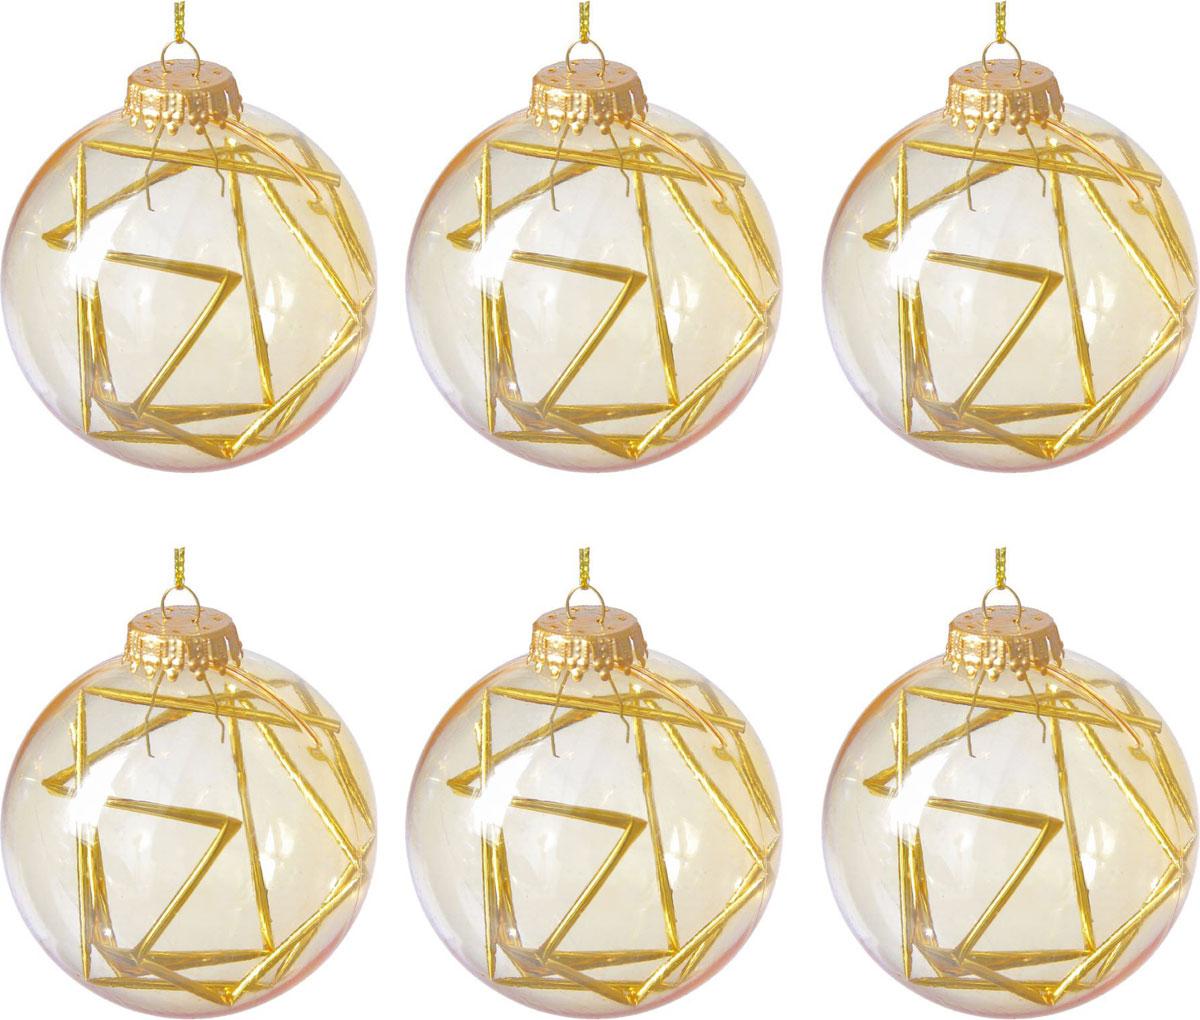 Набор новогодних подвесных украшений Sima-land, диаметр 7 см, 6 шт2137185Набор новогодних подвесных украшений Sima-land отлично подойдет для декорации вашего дома и новогодней ели. С помощью специальной петельки украшение можно повесить в любом понравившемся вам месте. Но, конечно, удачнее всего оно будет смотреться на праздничной елке. Елочная игрушка - символ Нового года. Она несет в себе волшебство и красоту праздника. Создайте в своем доме атмосферу веселья и радости, украшая новогоднюю елку нарядными игрушками, которые будут из года в год накапливать теплоту воспоминаний.